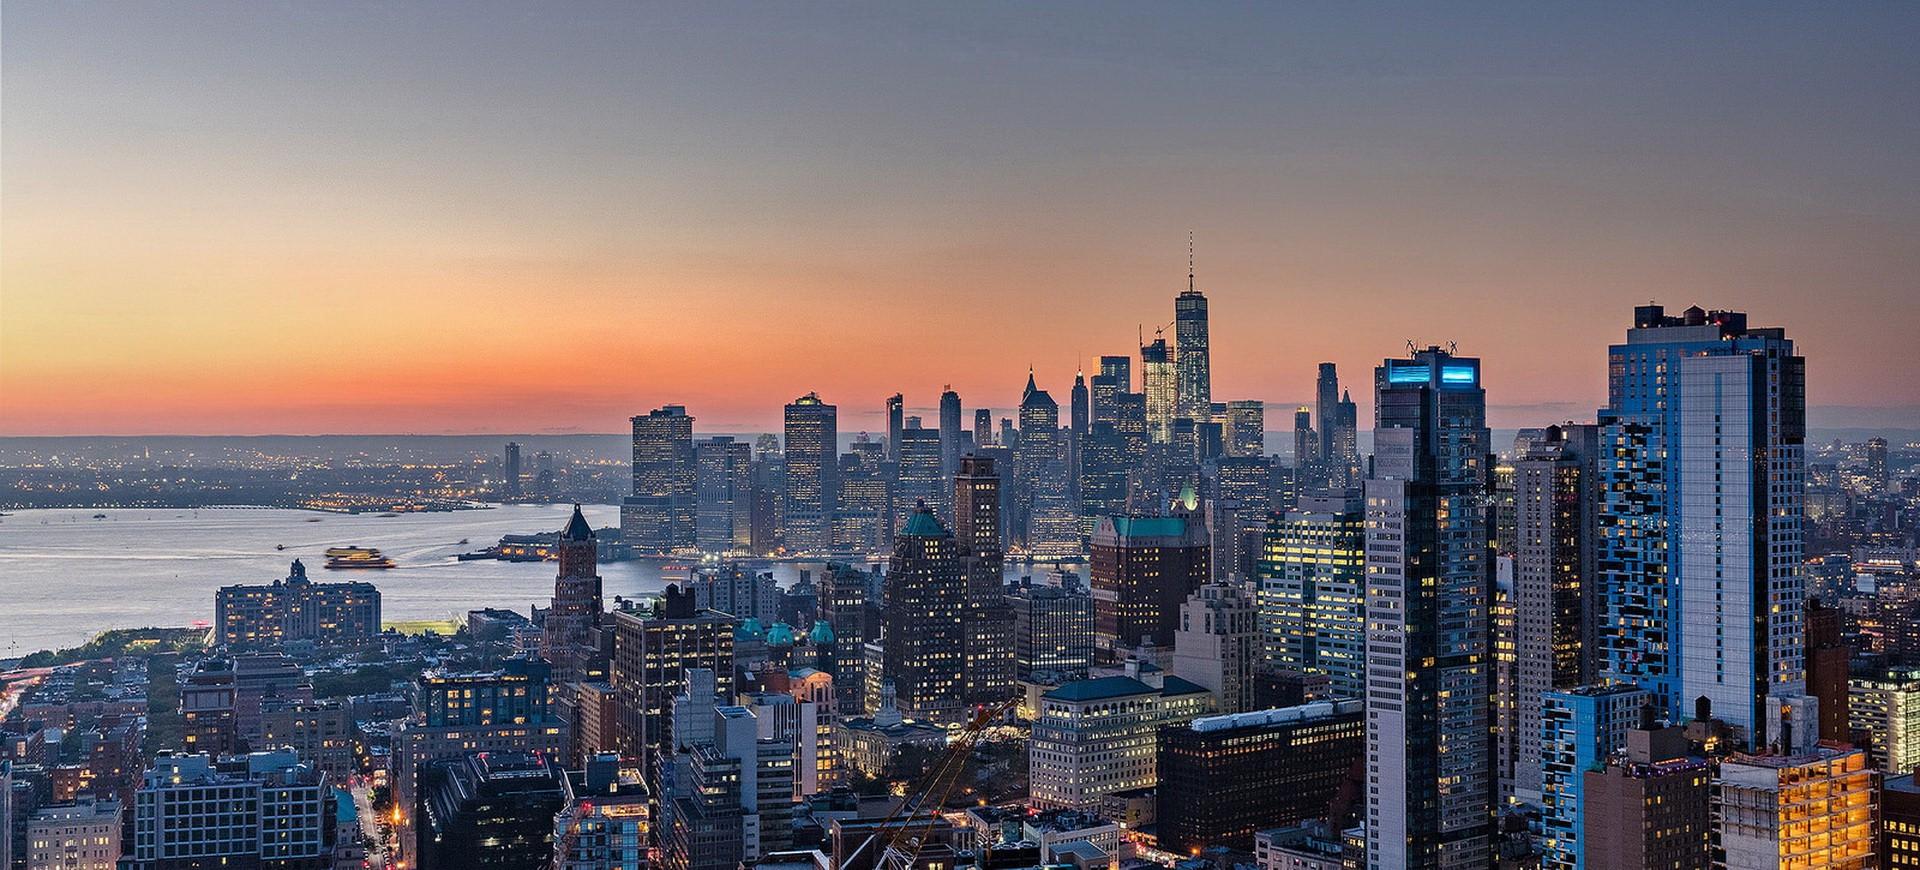 Nos voyages aux Etats Unis et séjour à New York, Chicago, Washington et Floride